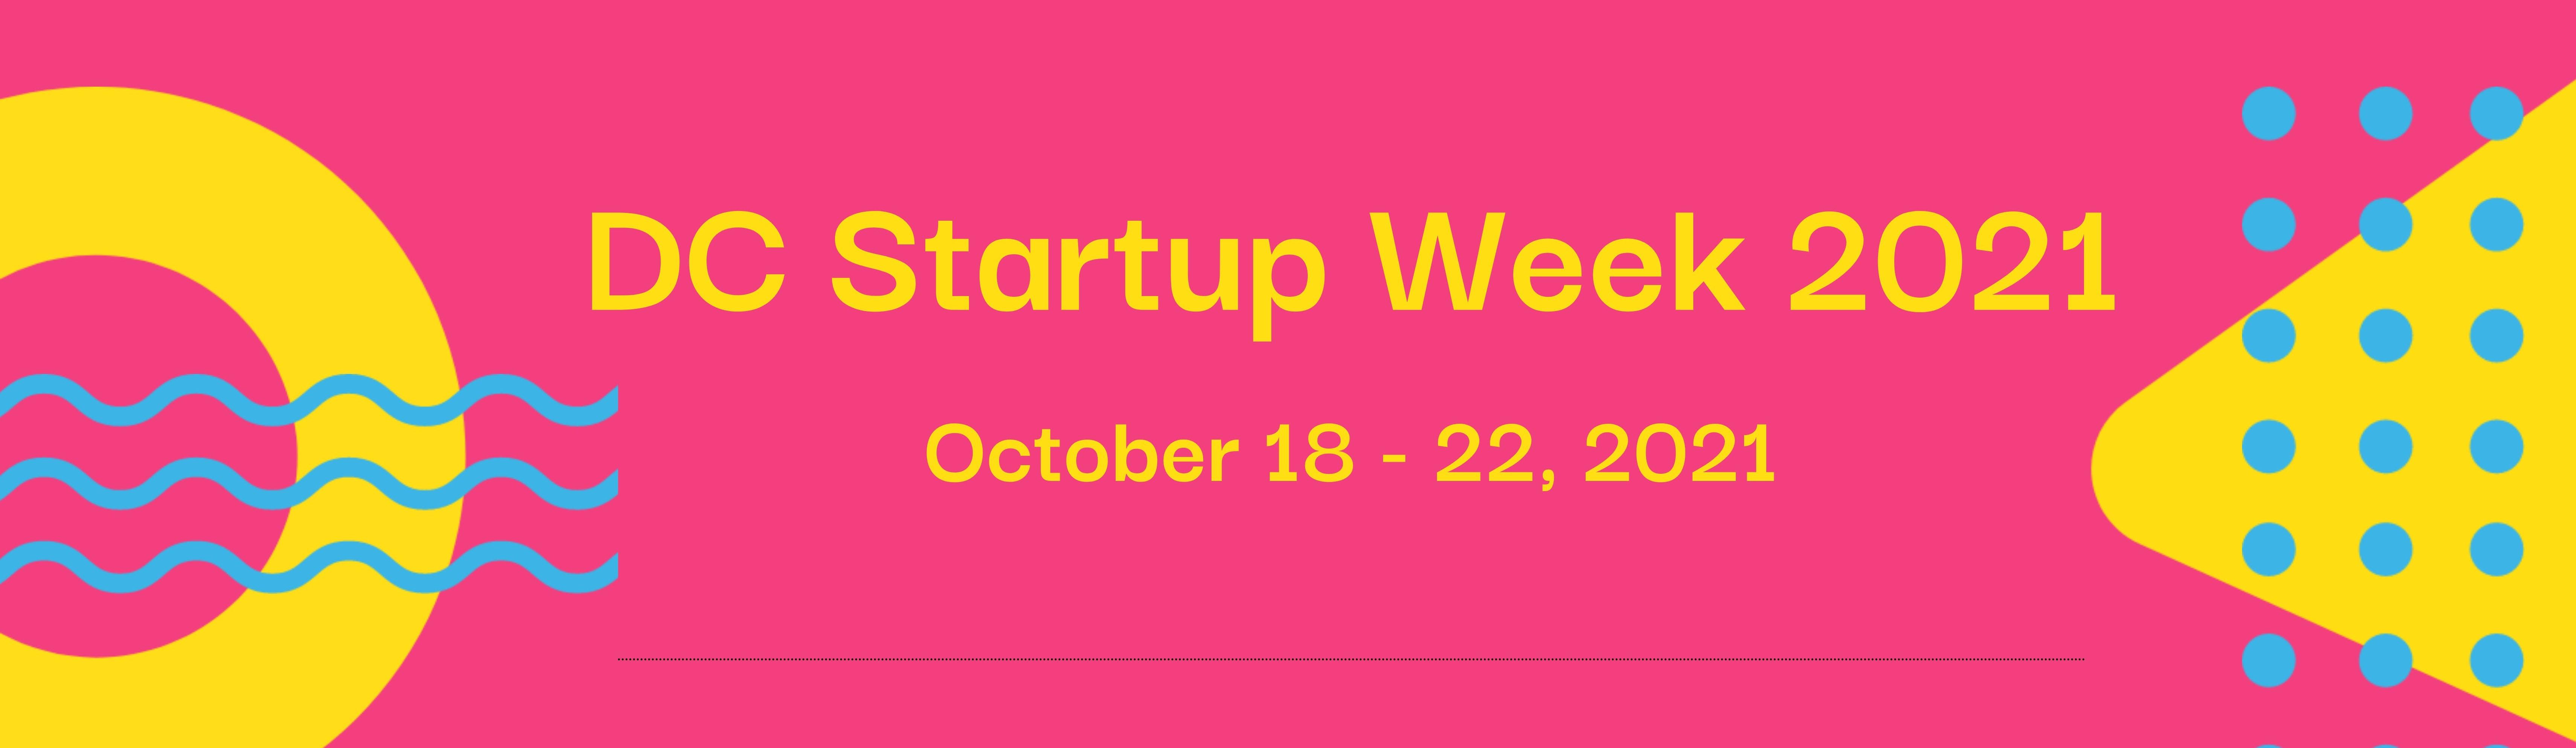 DC Startup Week 2021